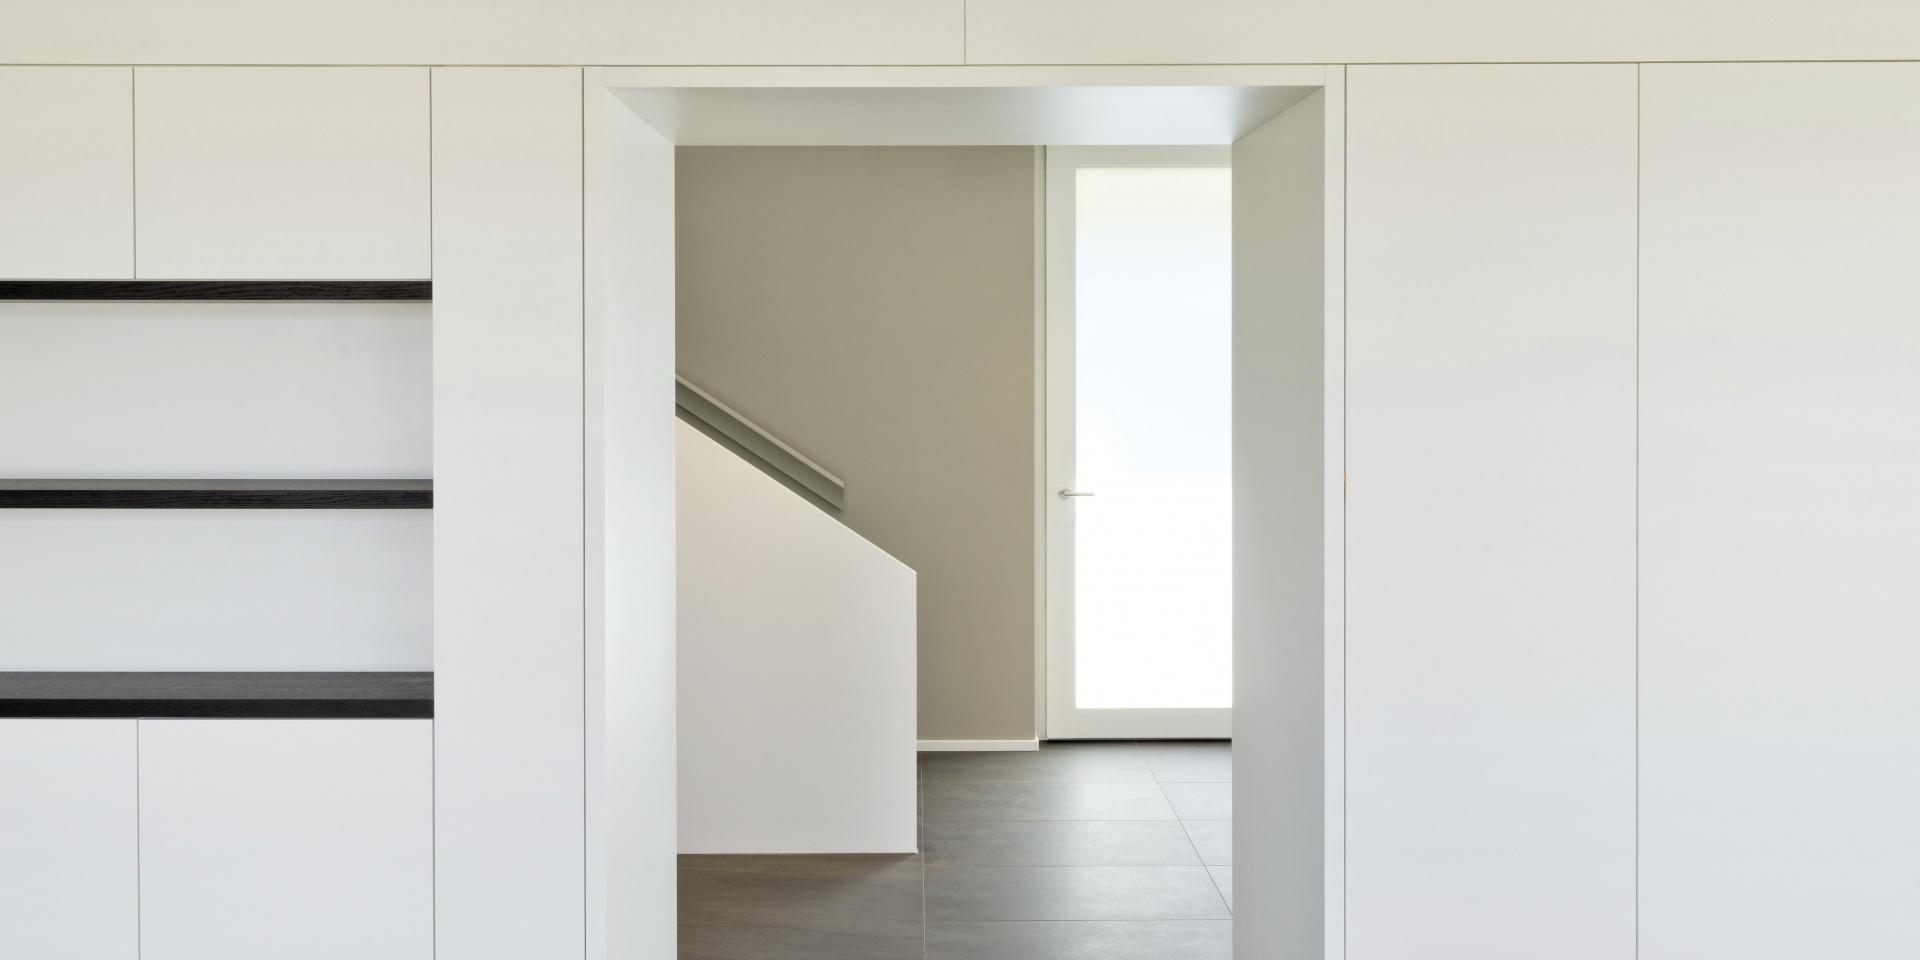 Blick in Eingangsbereich © René Rötheli, Baden